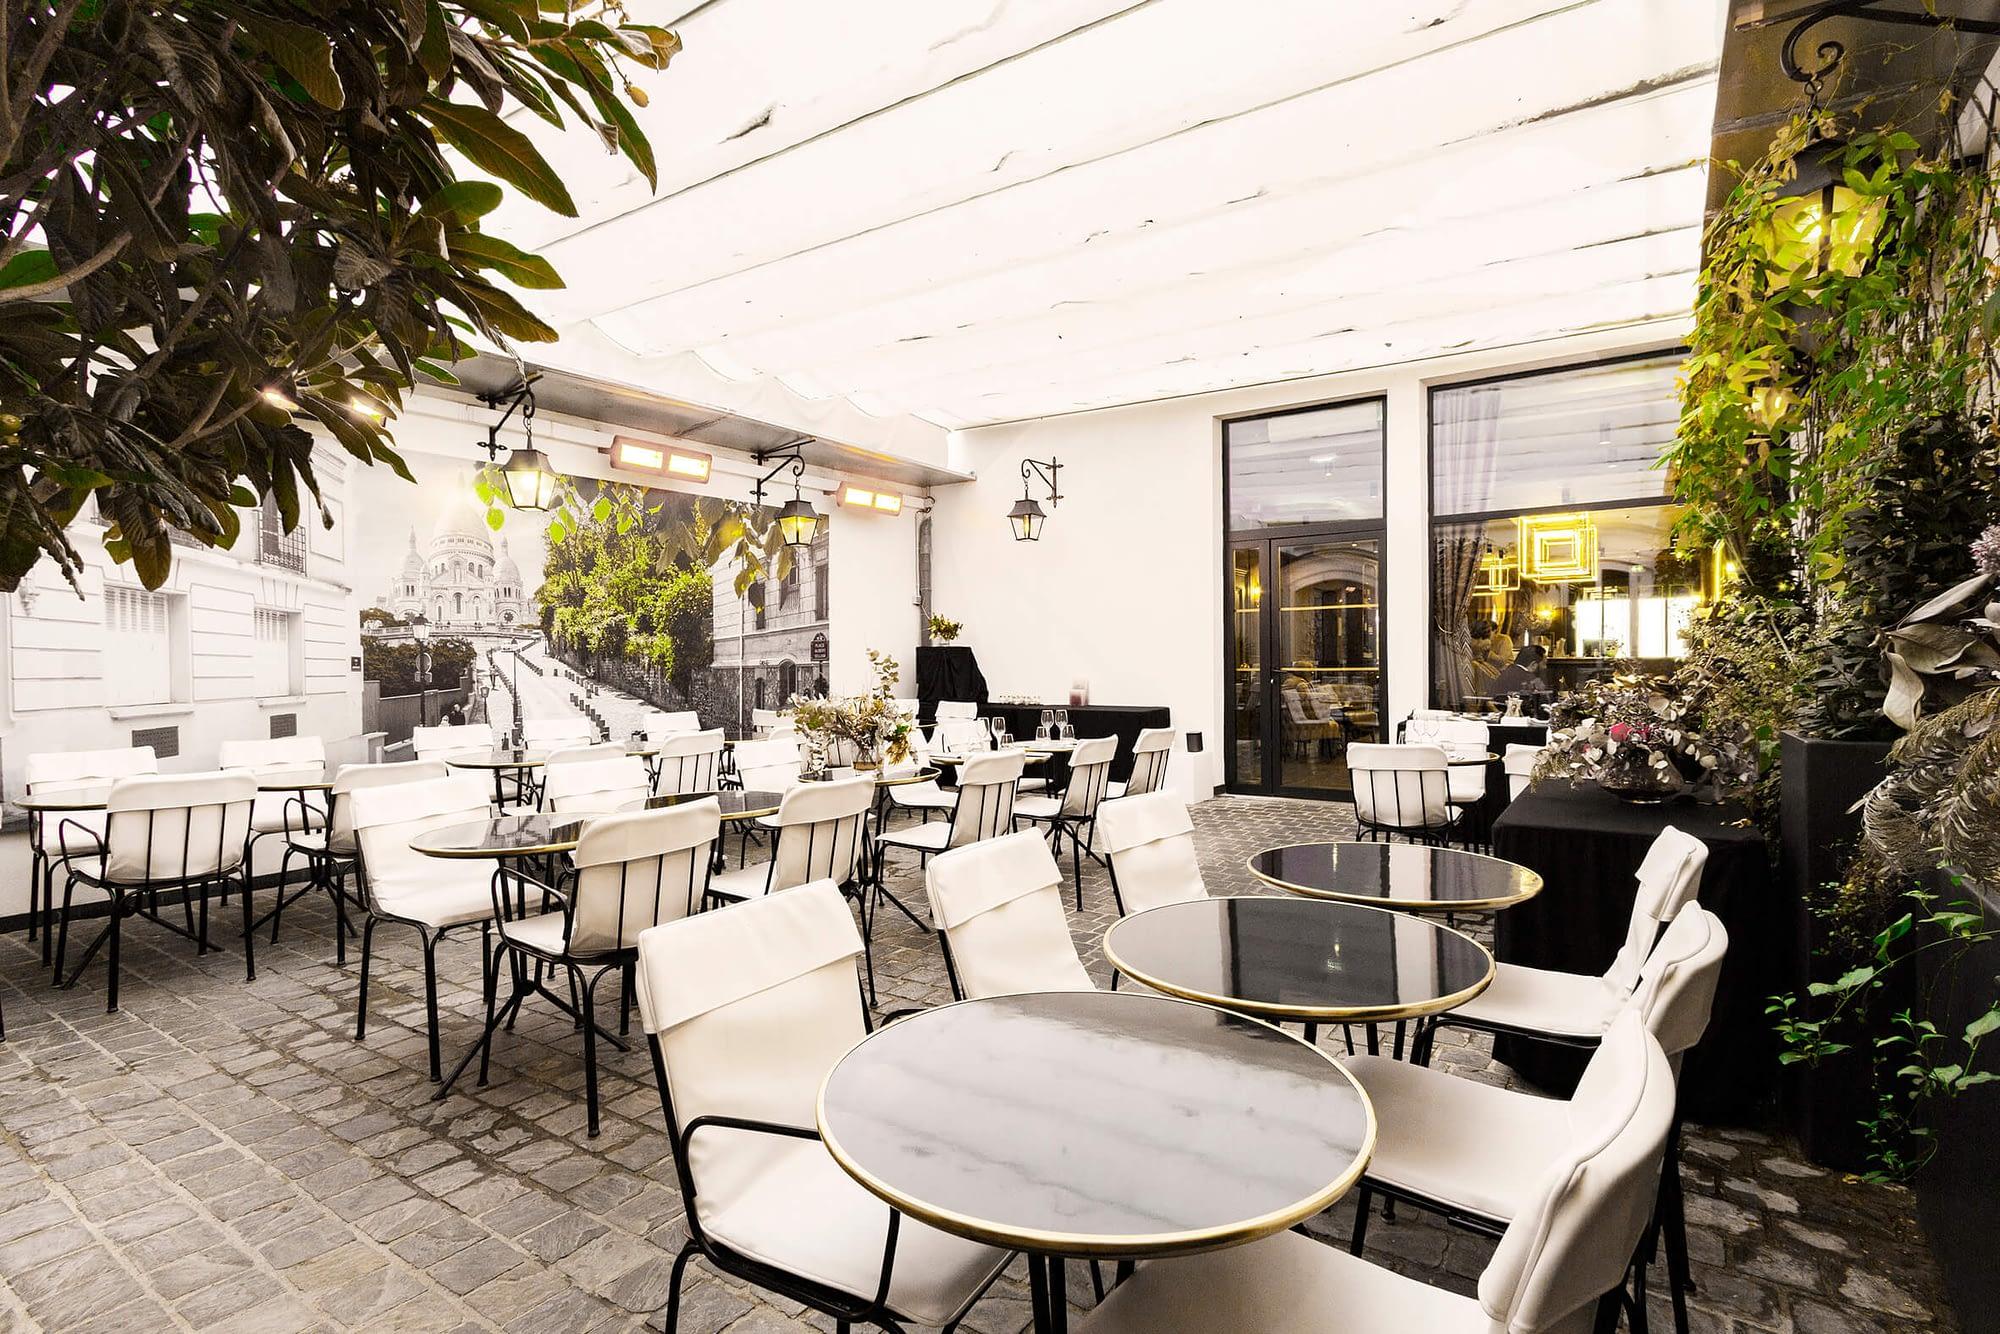 Vente et installation de photographies d'art Pixopolitan pour l'hôtel 4 étoiles Môm'Art